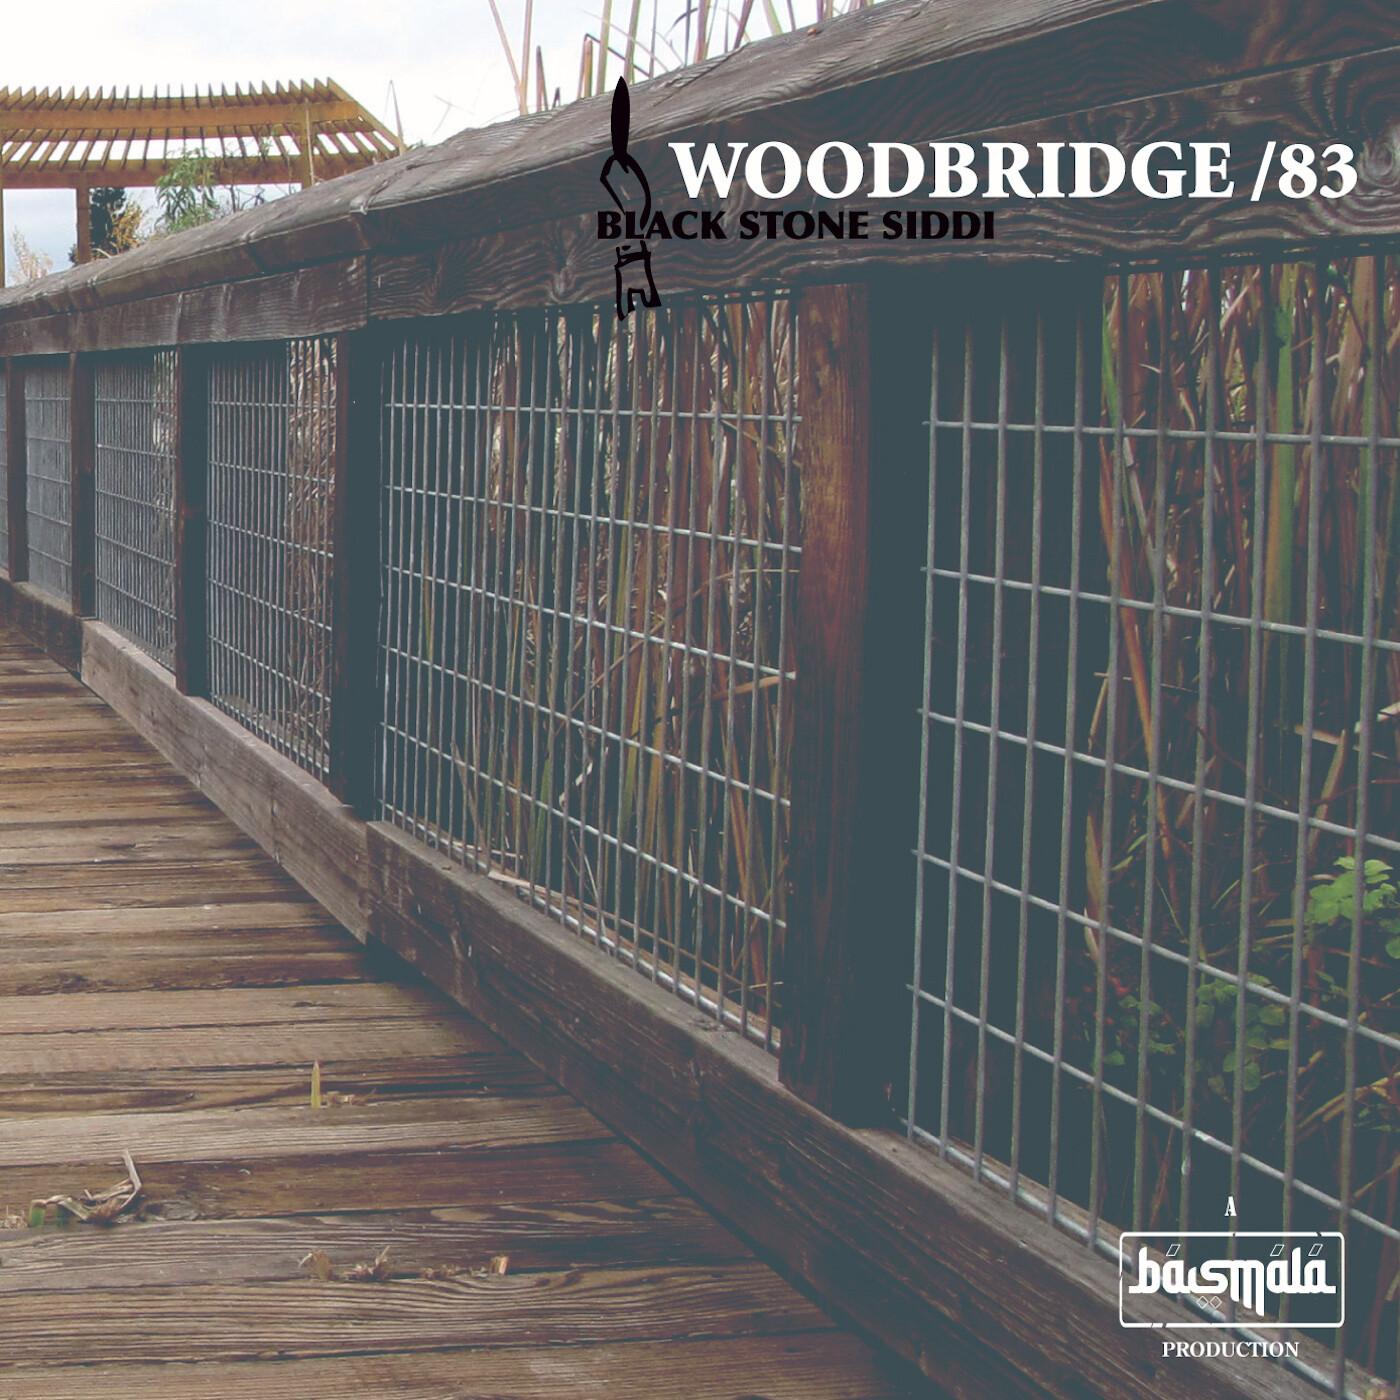 Woodbridge 83